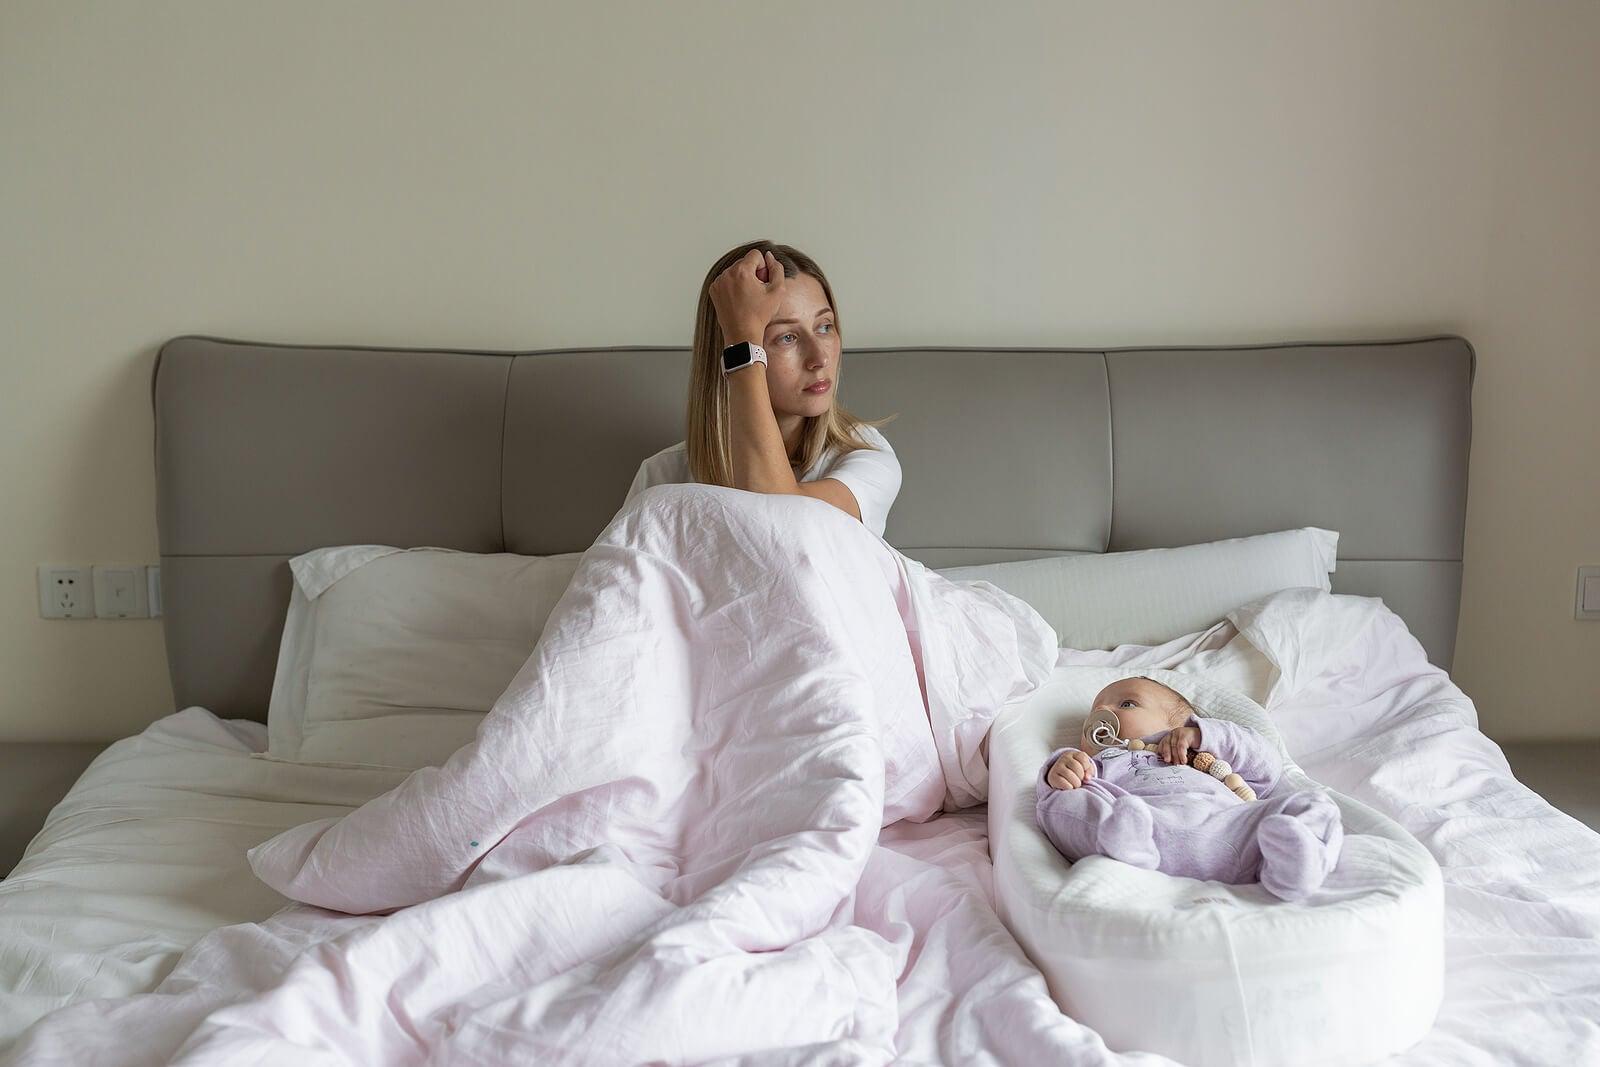 Madre llorando con su bebé al lado porque tiene depresión posparto.